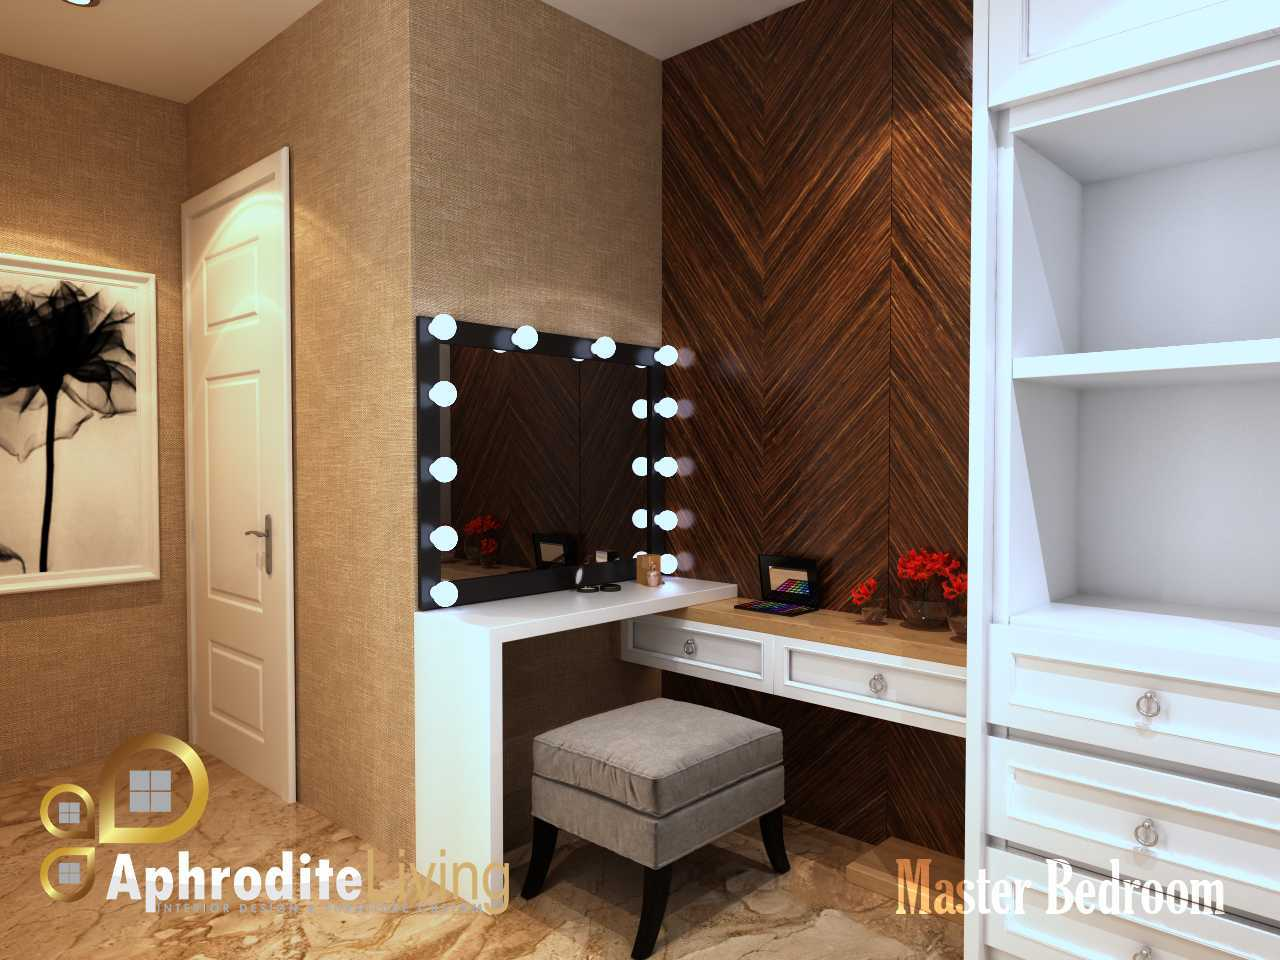 Adhitya Riyaldi Master Bedroom Kembangan, Jakarta, Indonesia Kembangan, Jakarta, Indonesia View 2  28853